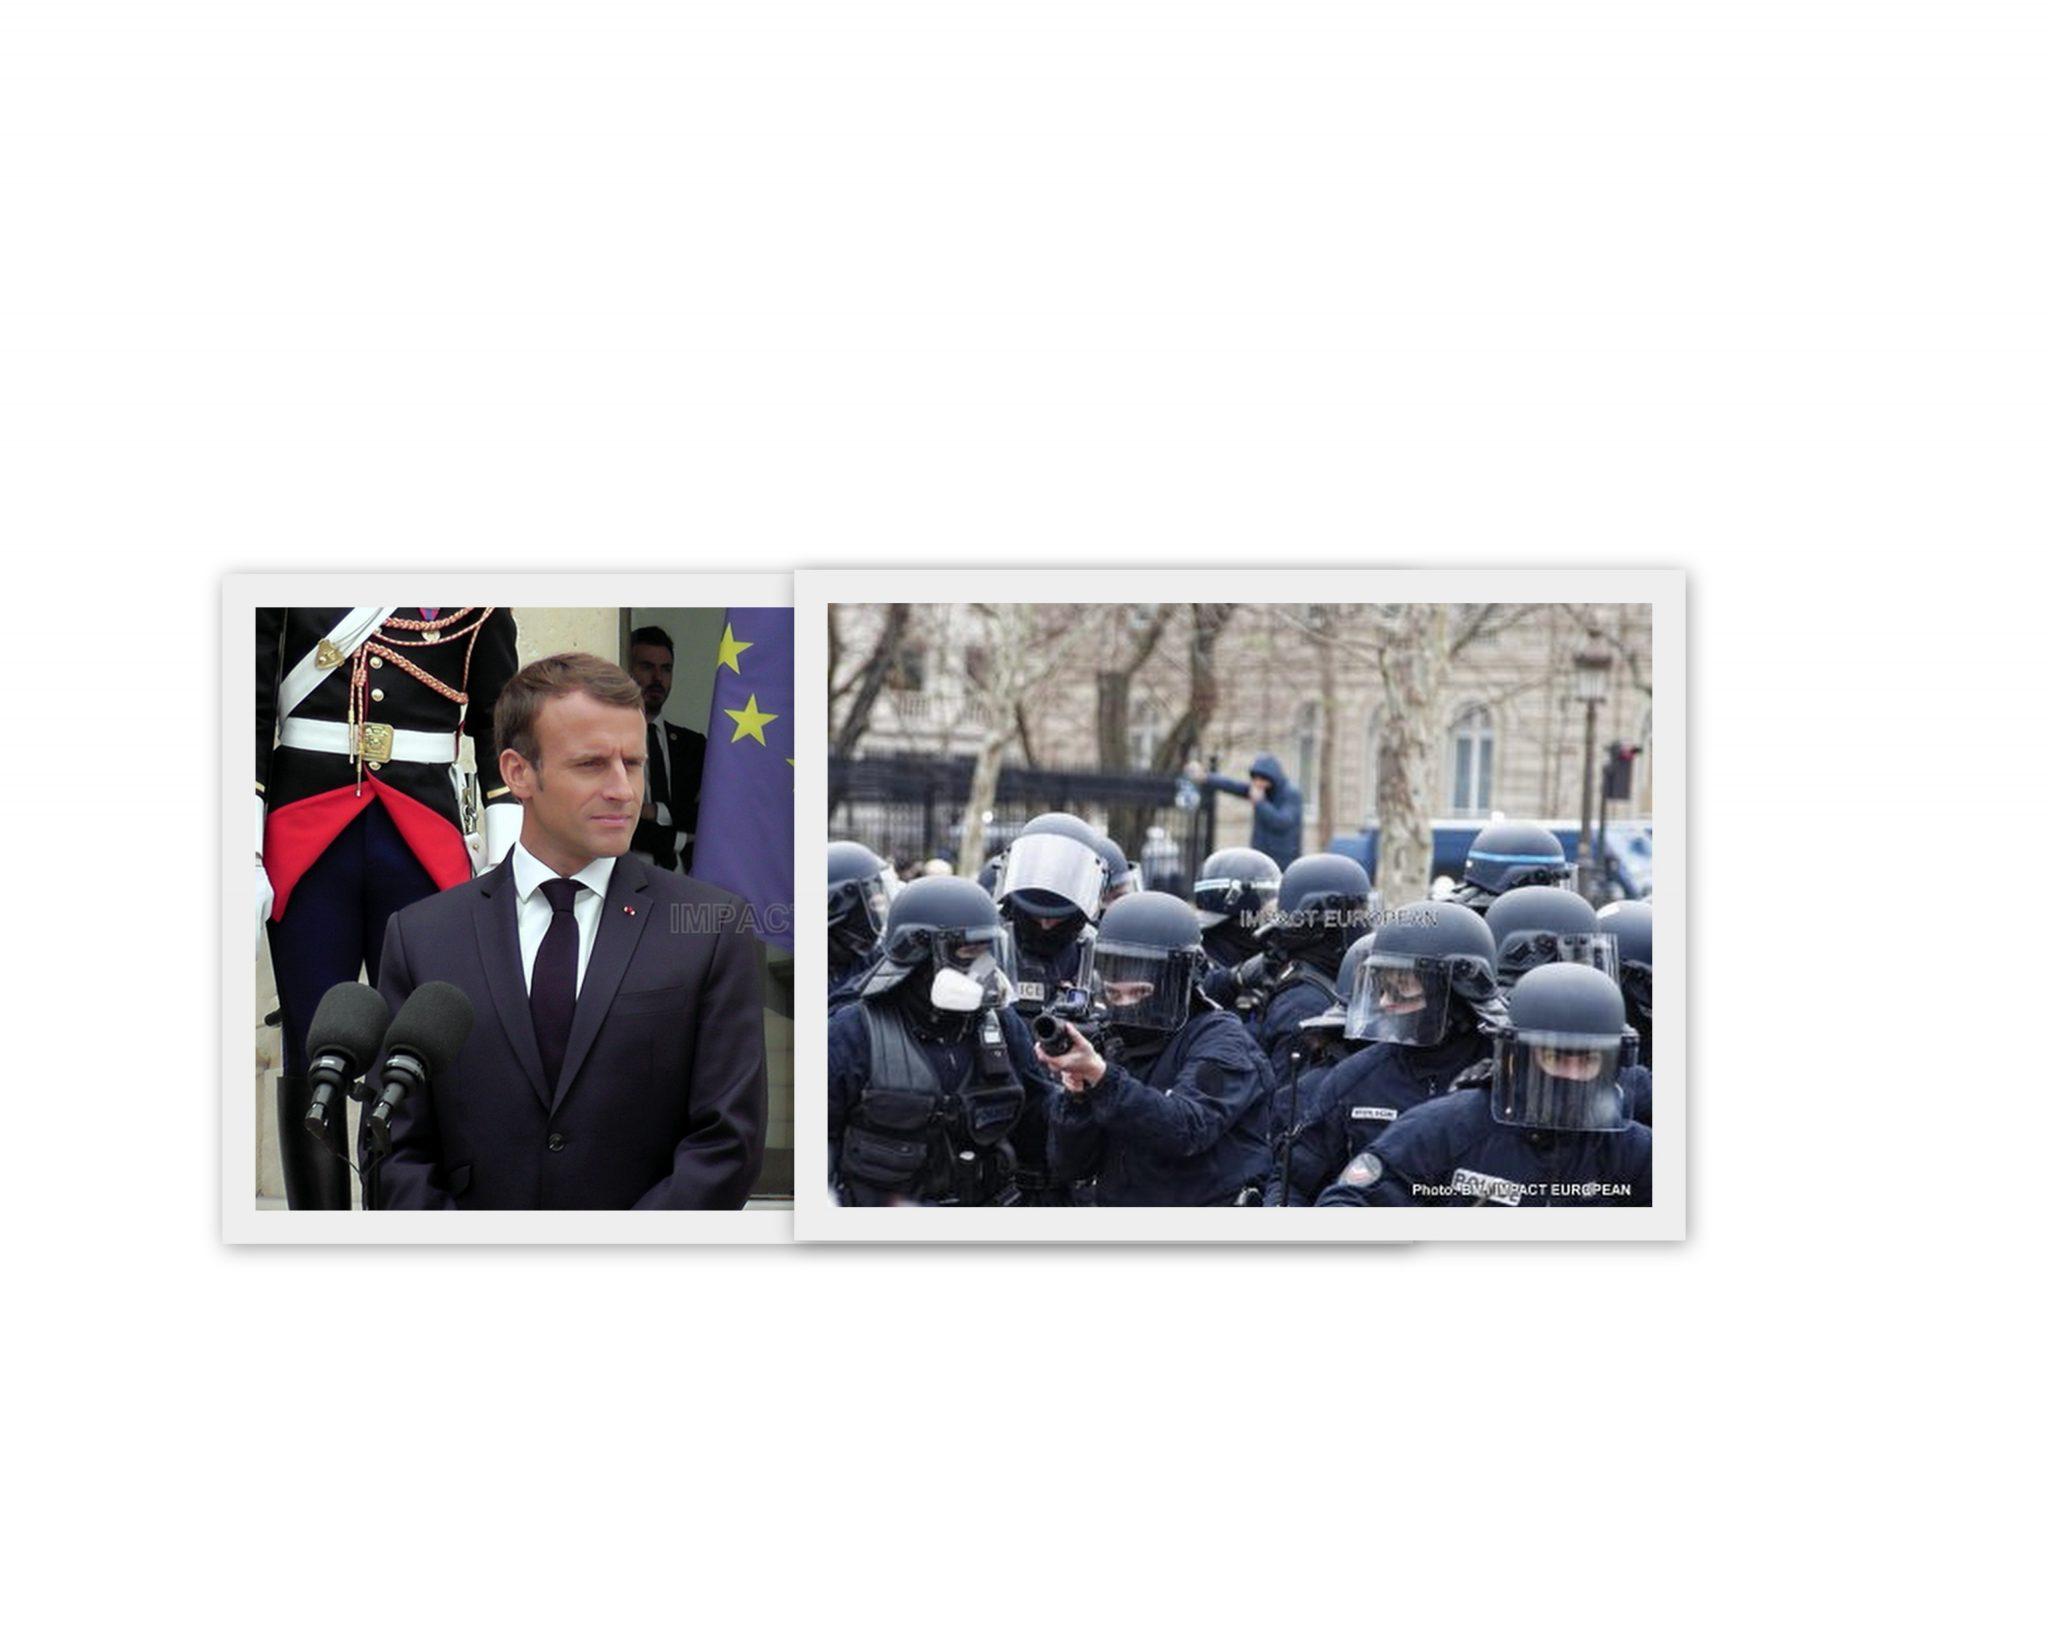 """Macron défend l'usage LBD: """"Je ne laisserai pas les forces de l'ordre sans aucun moyen (…) face à des gens qui arrivent aujourd'hui armés"""""""